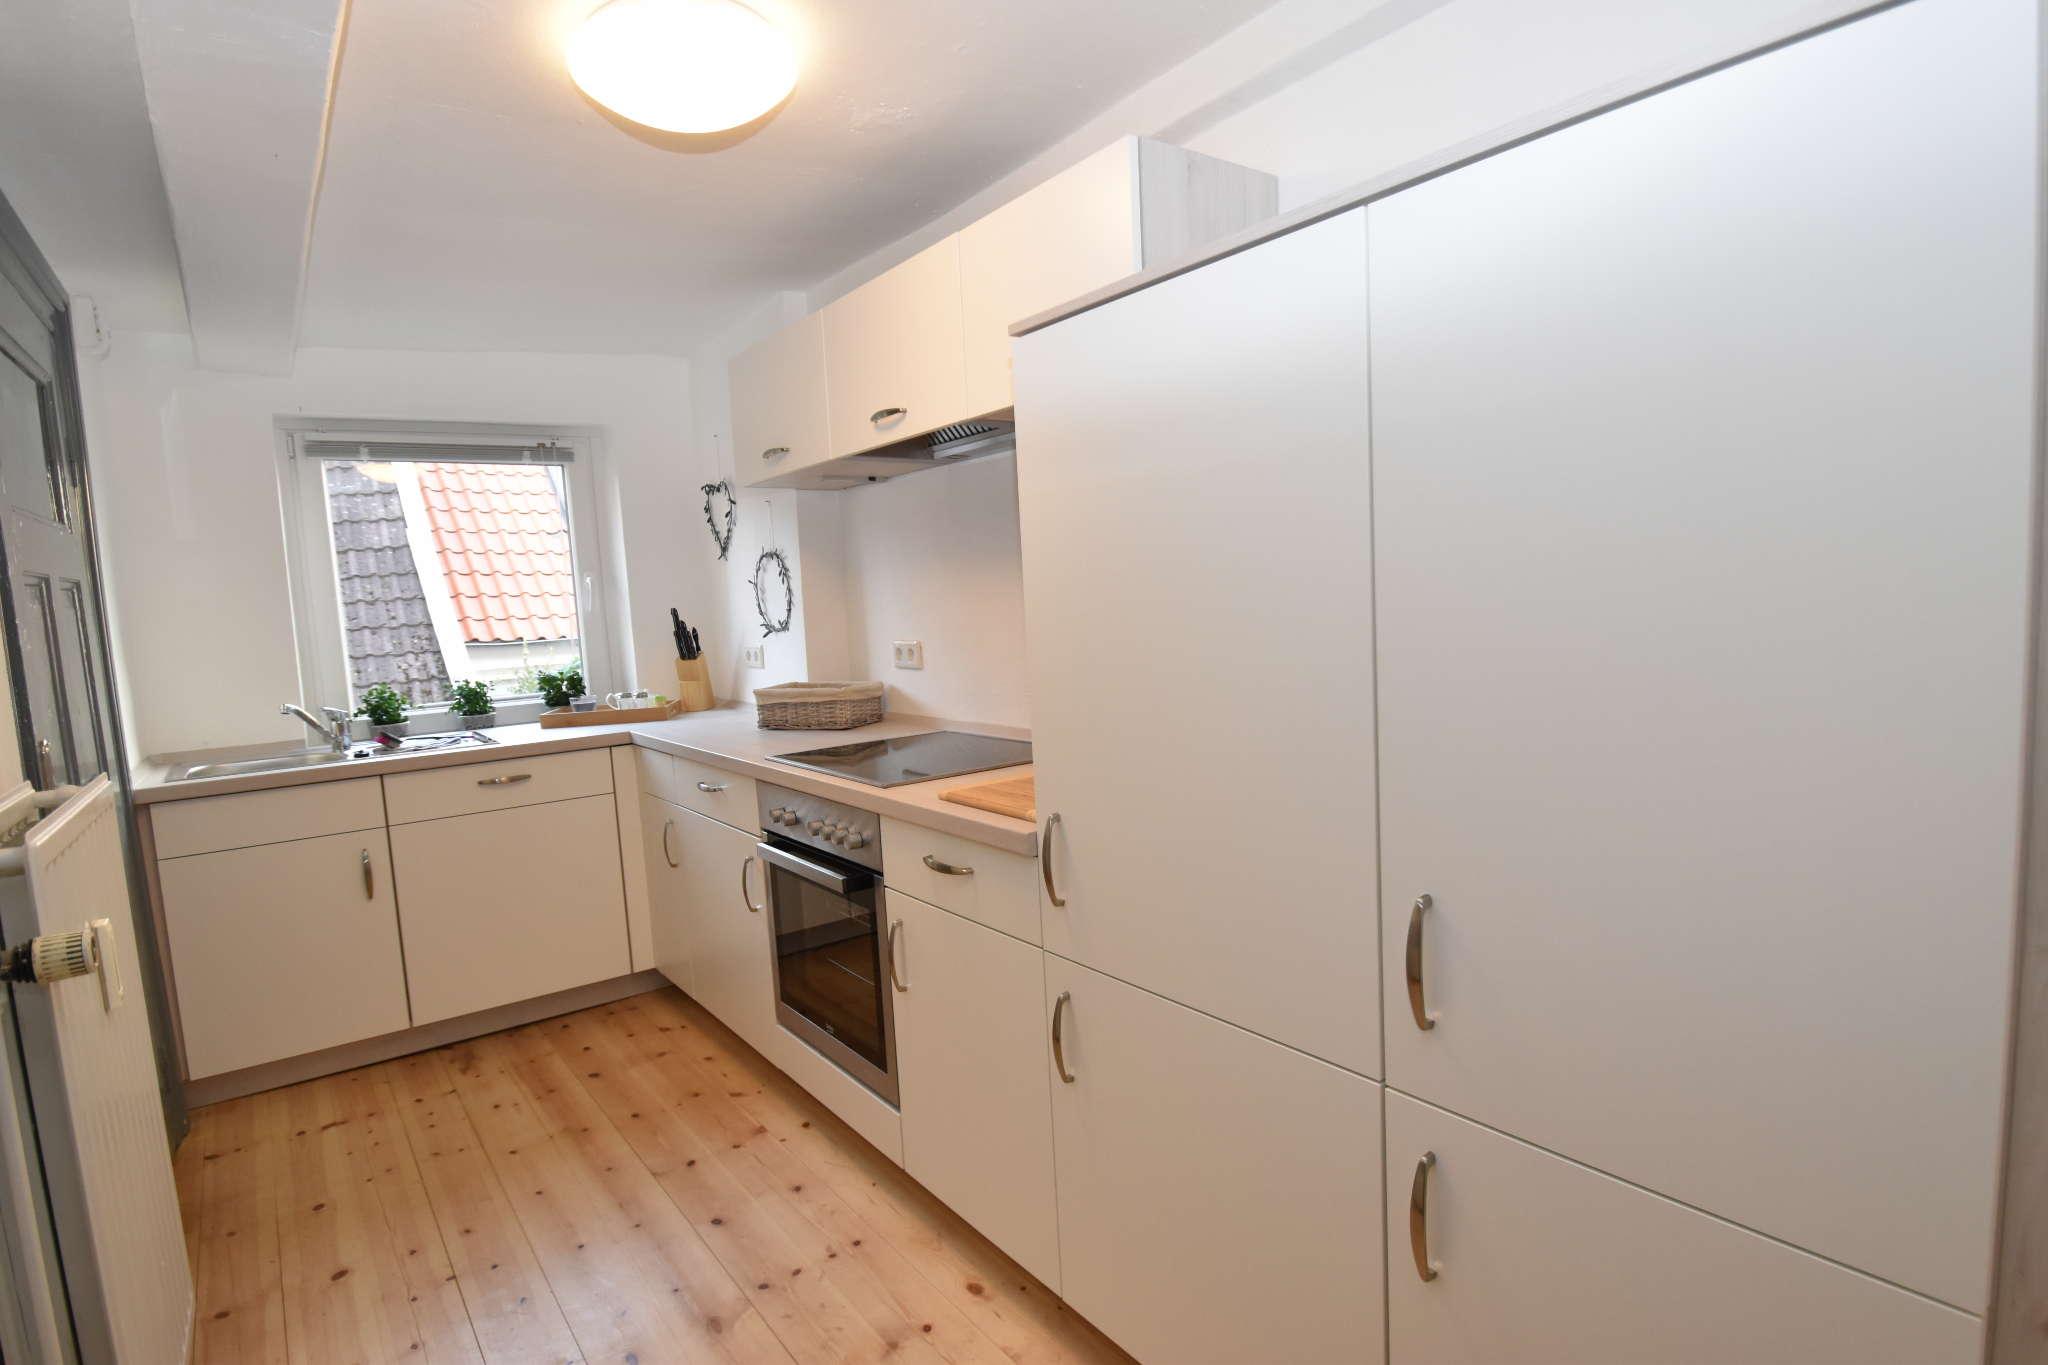 ferienwohnung kalle in flensburg schleswig holstein g nter blankenagel. Black Bedroom Furniture Sets. Home Design Ideas